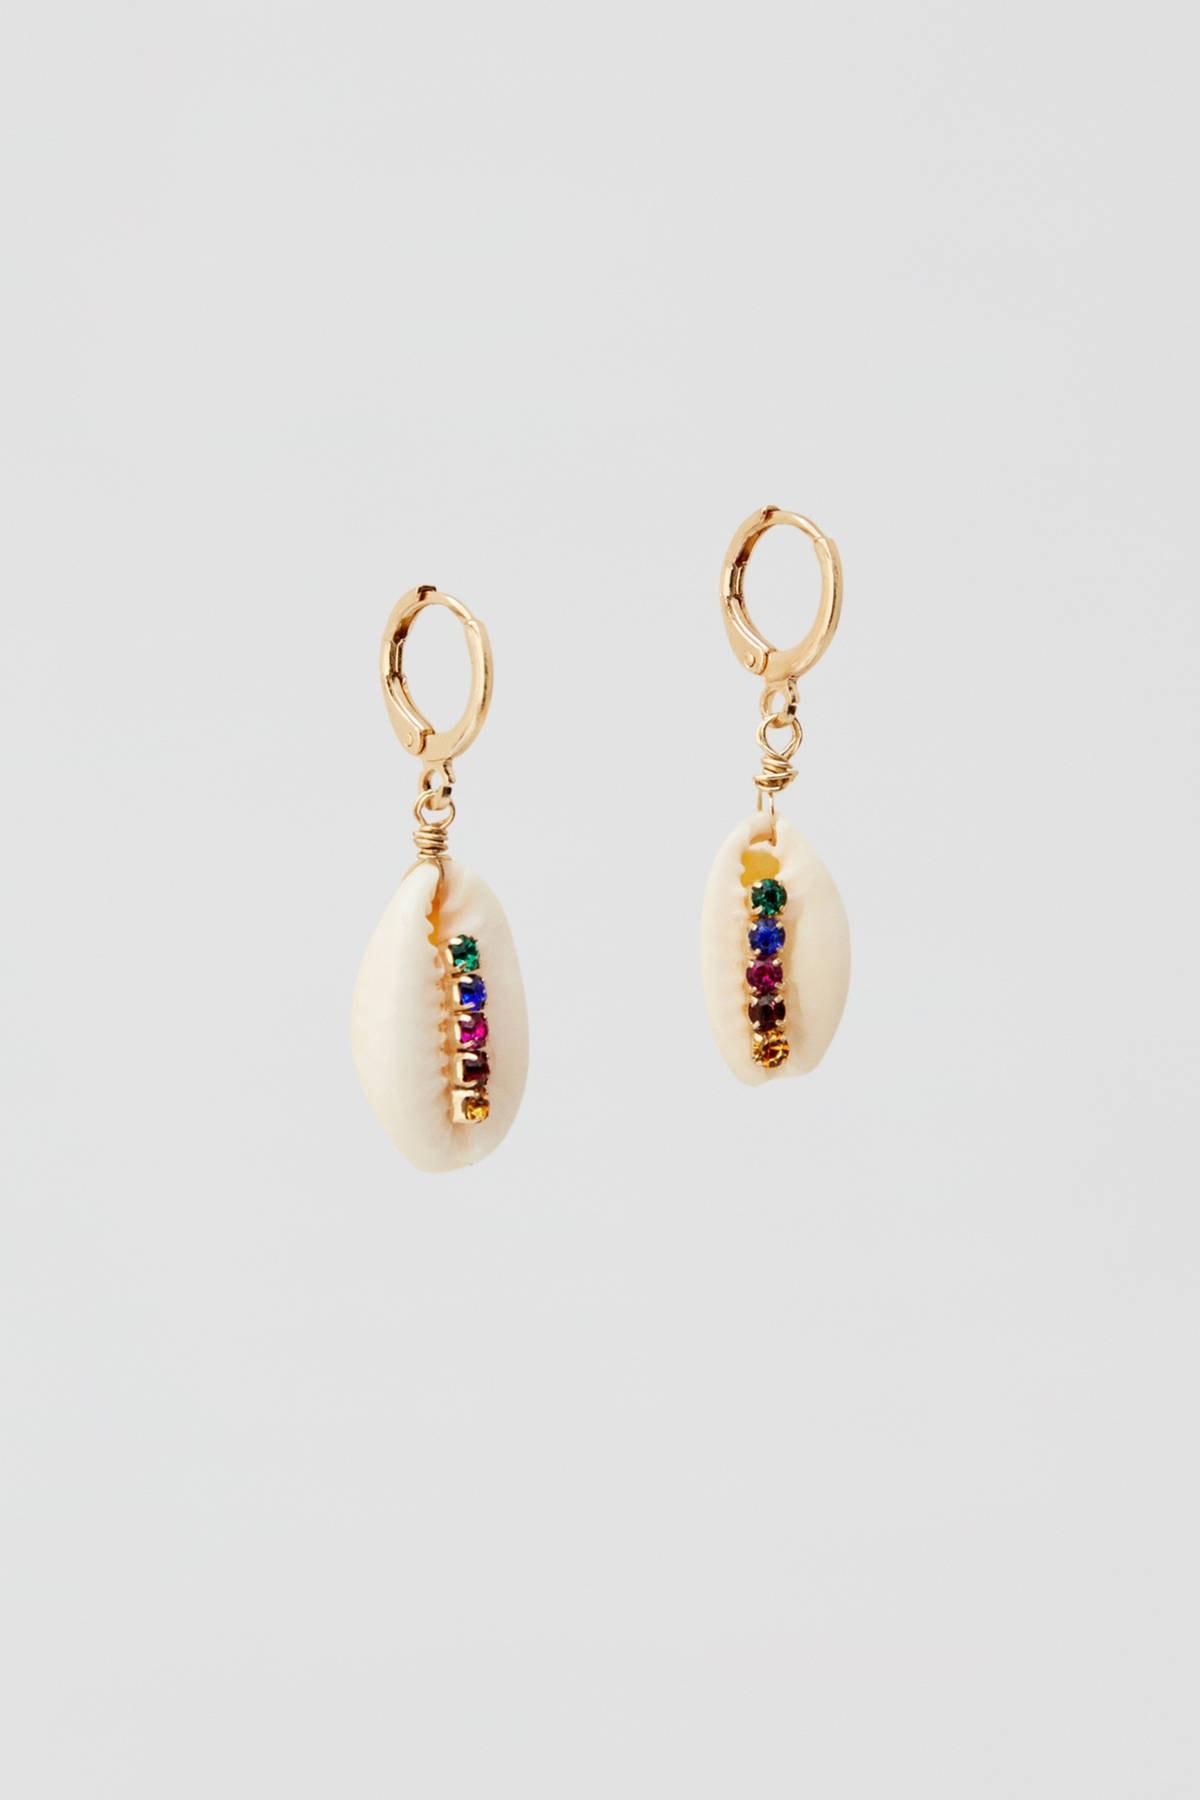 Pull & Bear Kadın Altın Rengi Çok Renkli Parlak Taşlı Deniz Kabuğu Küpe 09996315 1